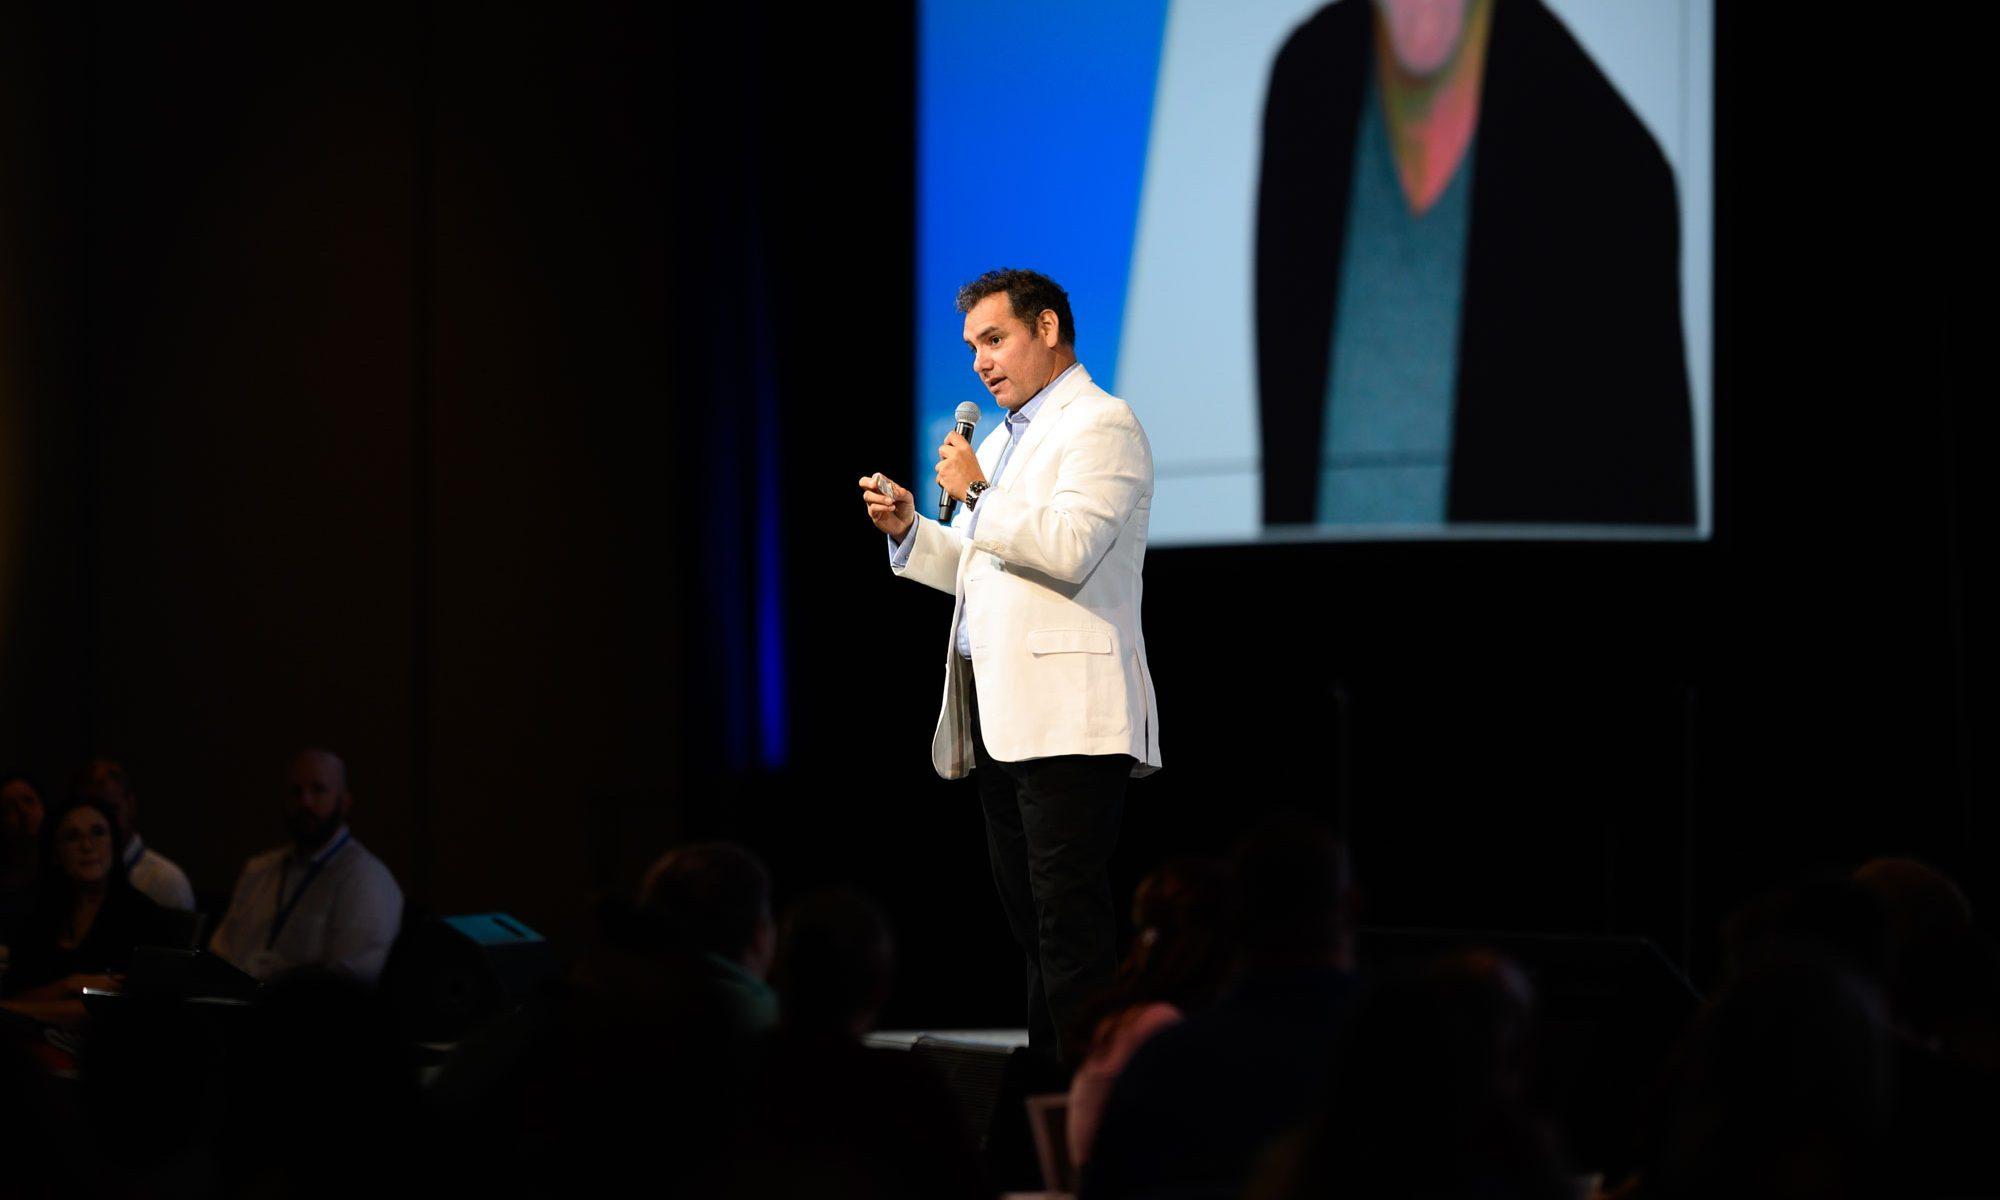 Daveeed Marketing Keynote Speaker